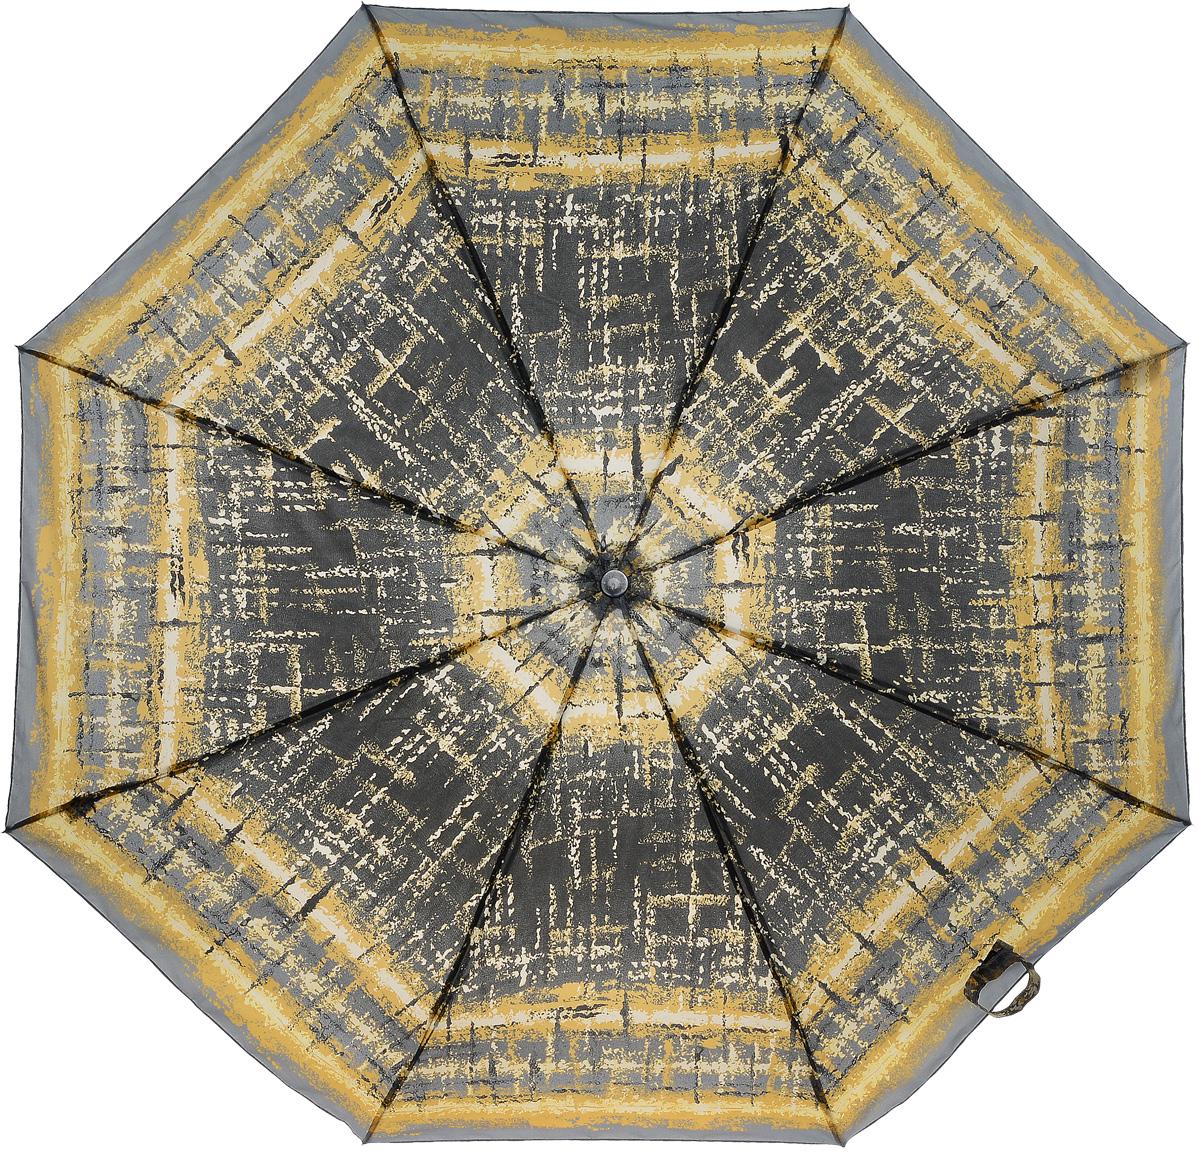 Зонт женский Prize, механический, 3 сложения, цвет: темно-серый, оранжевый. 355-184CX1516-50-10Классический женский зонт в 3 сложения с механической системой открытия и закрытия. Удобная ручка выполнена из пластика. Модель зонта выполнена в стандартном размере. Данная модель пердставляет собой эконом класс.